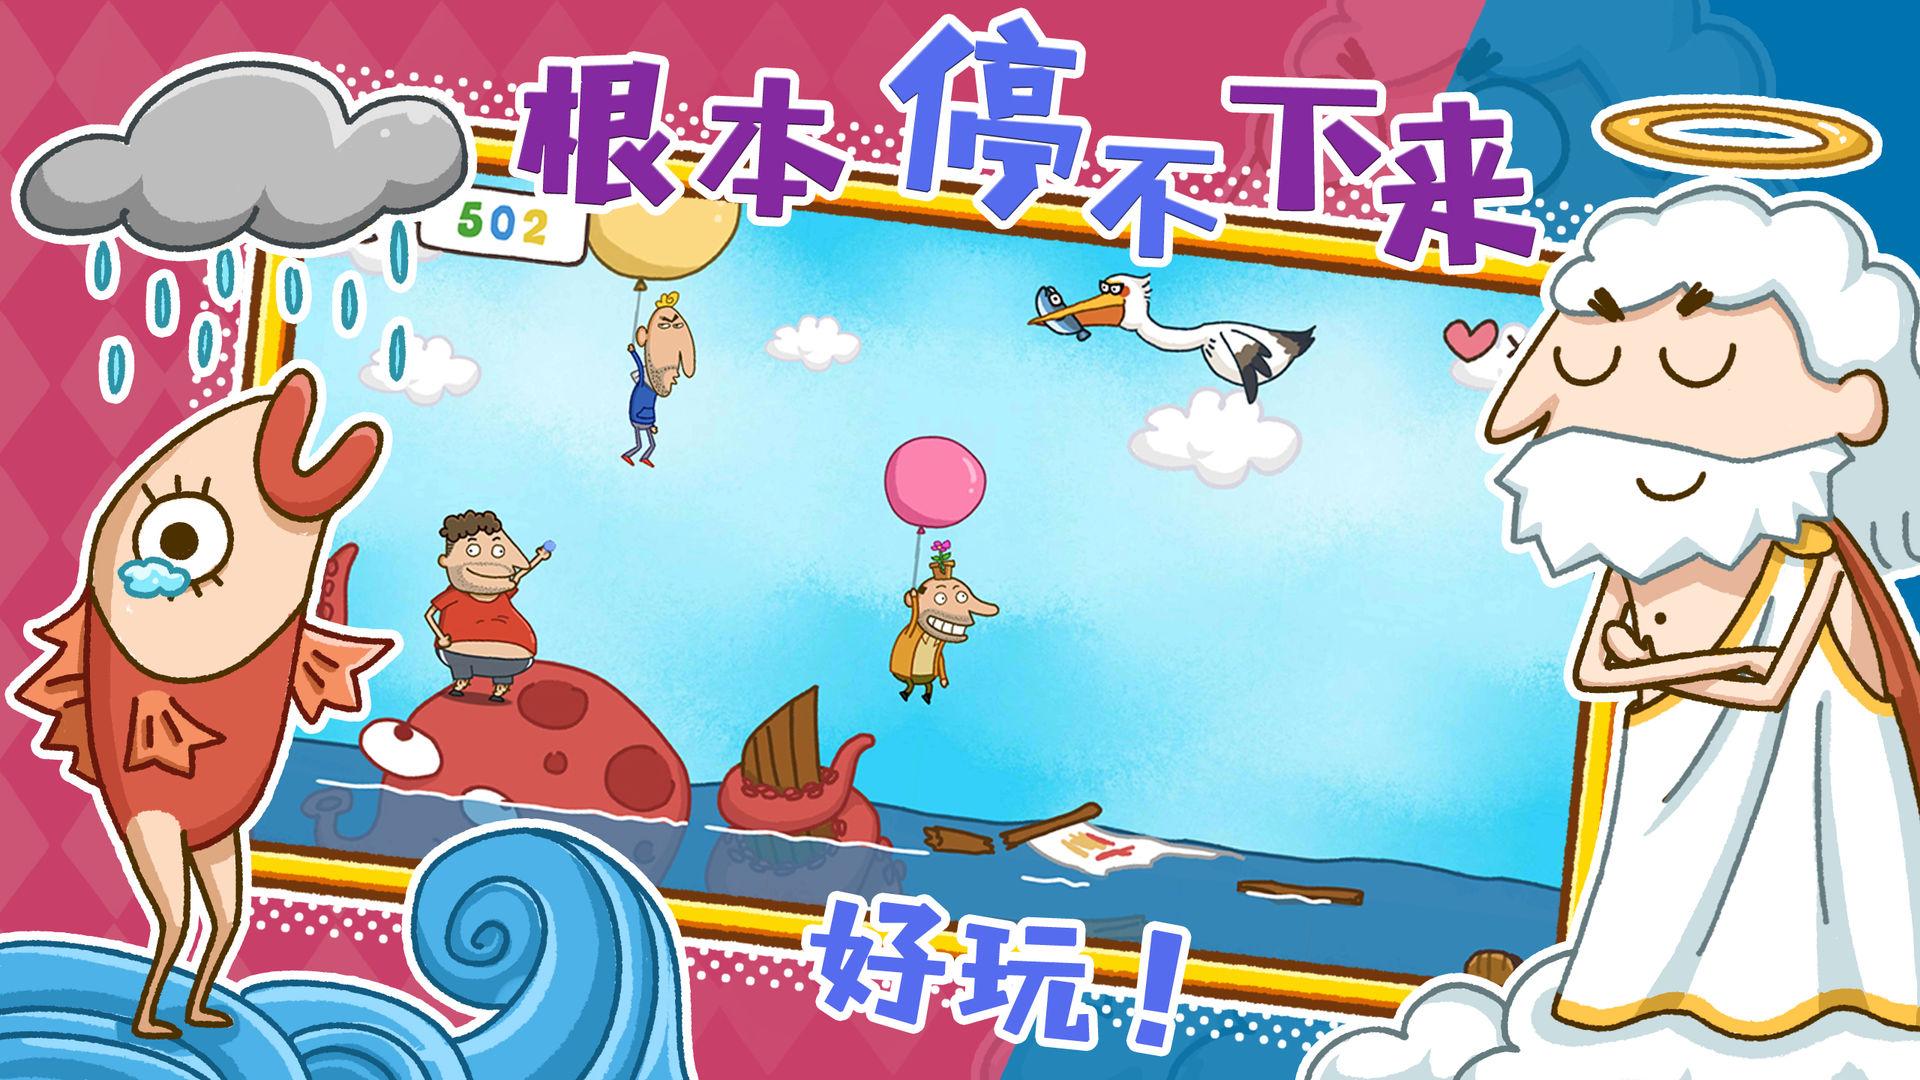 神叨叨下载-神叨叨手游-神叨叨安卓版/苹果版/电脑版-攻略-礼包-飞翔游戏库